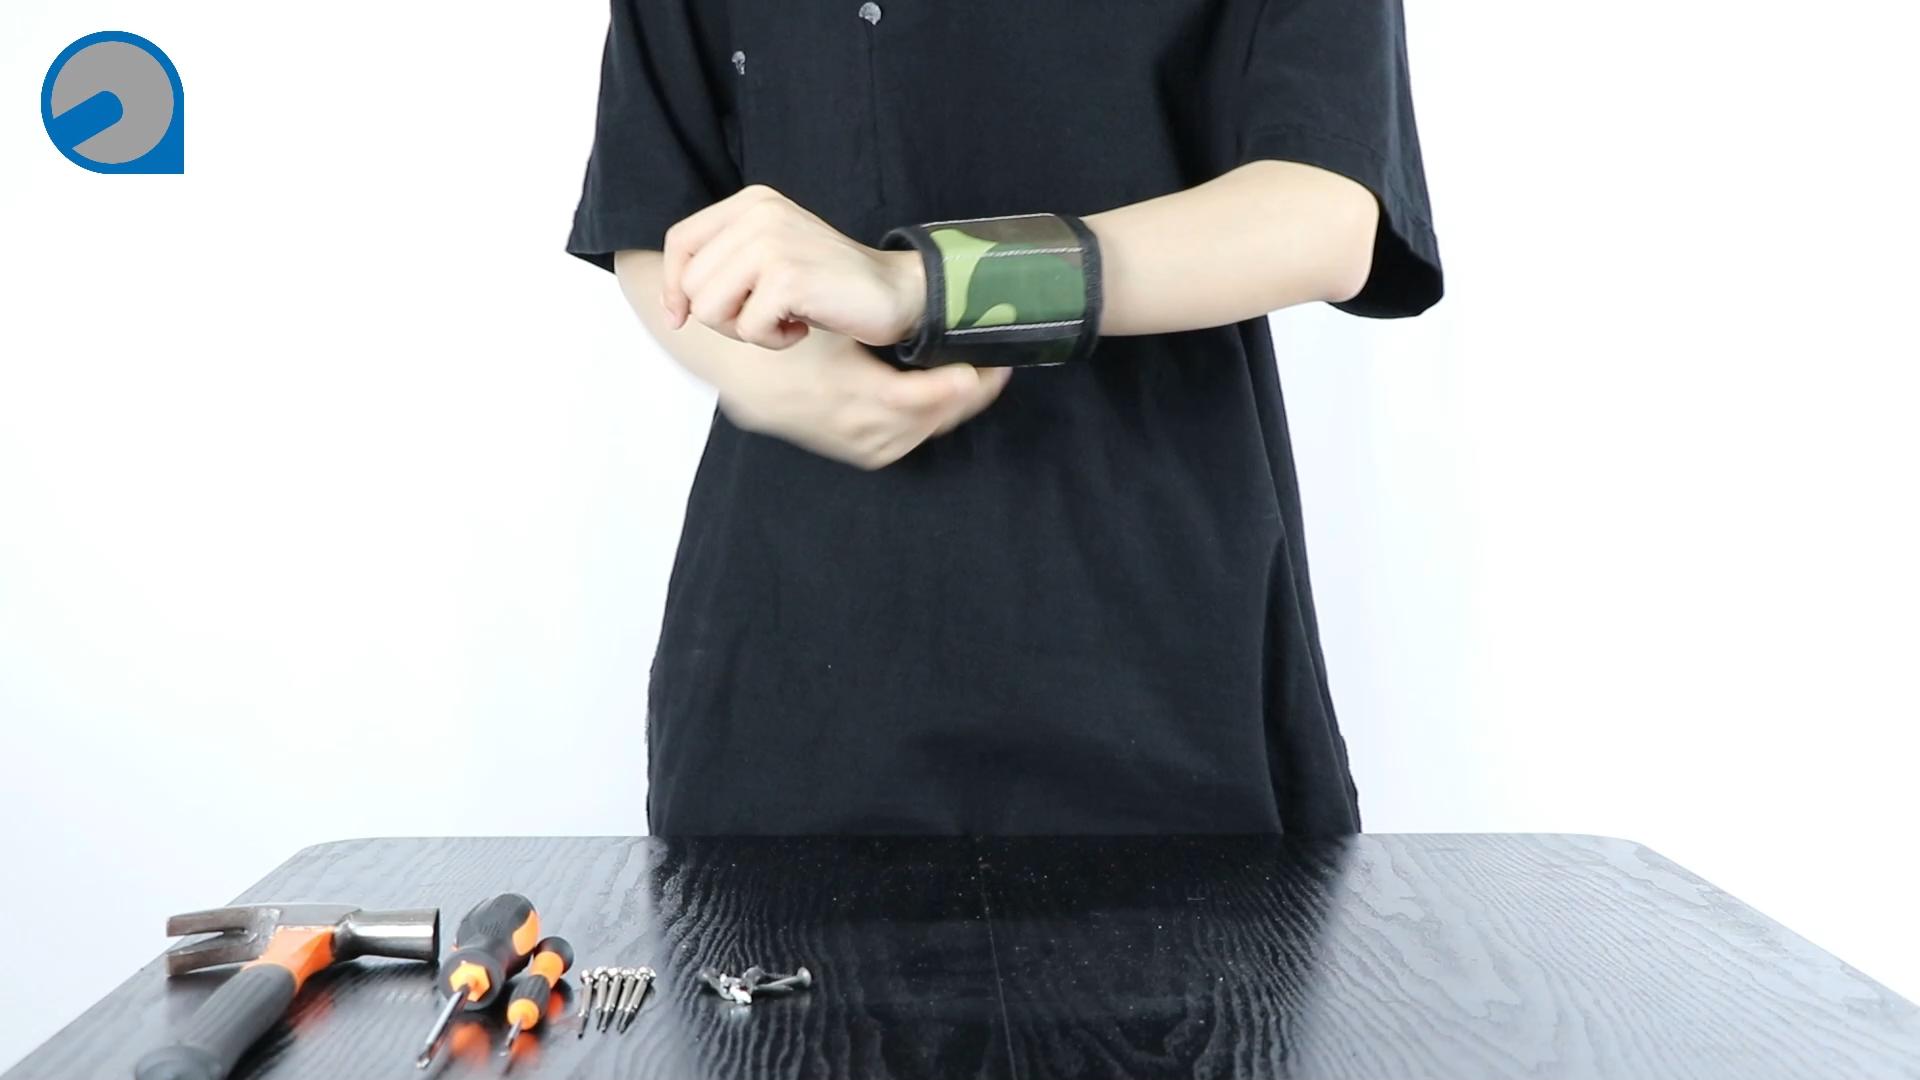 Polsband 2020 Nieuwe Stijl Magnetische Tool Polsband 12 Power Magneet Tool Bag Voor Holding Gereedschap